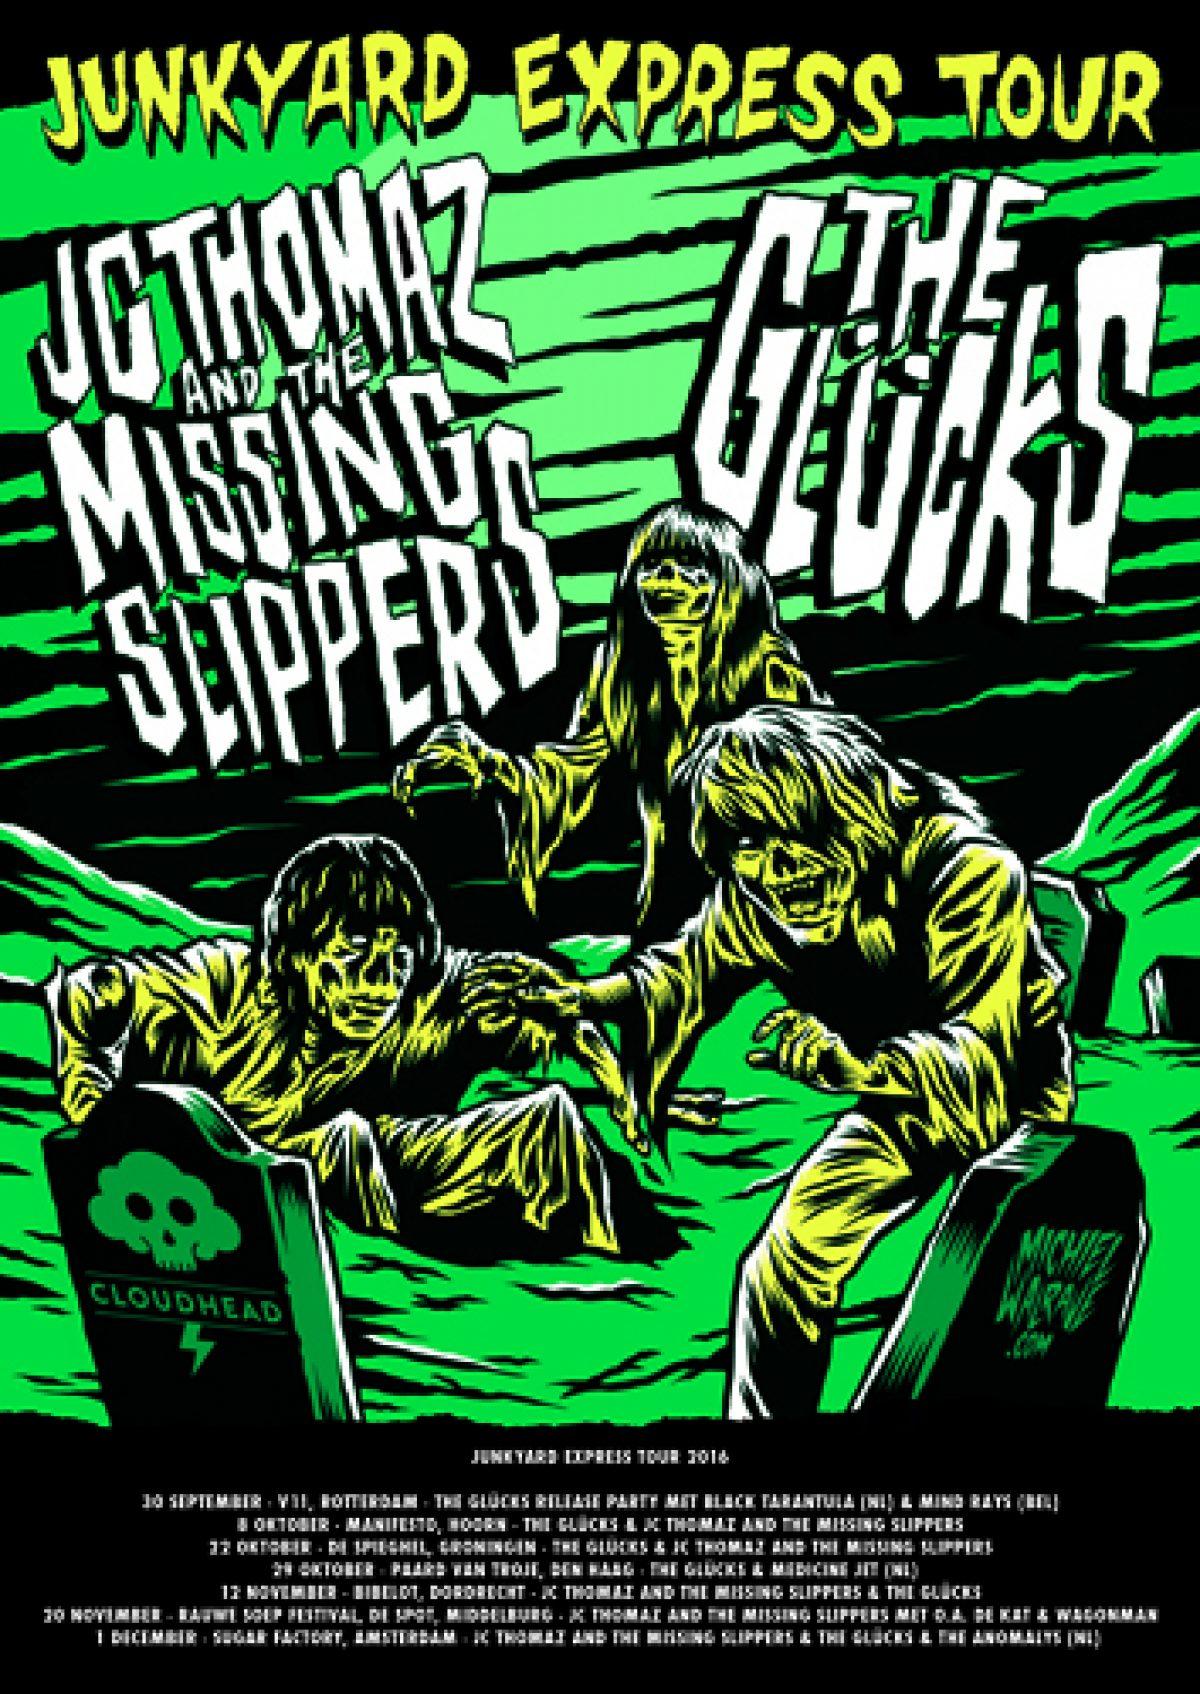 junkyard-express-poster-dates-revisedklein